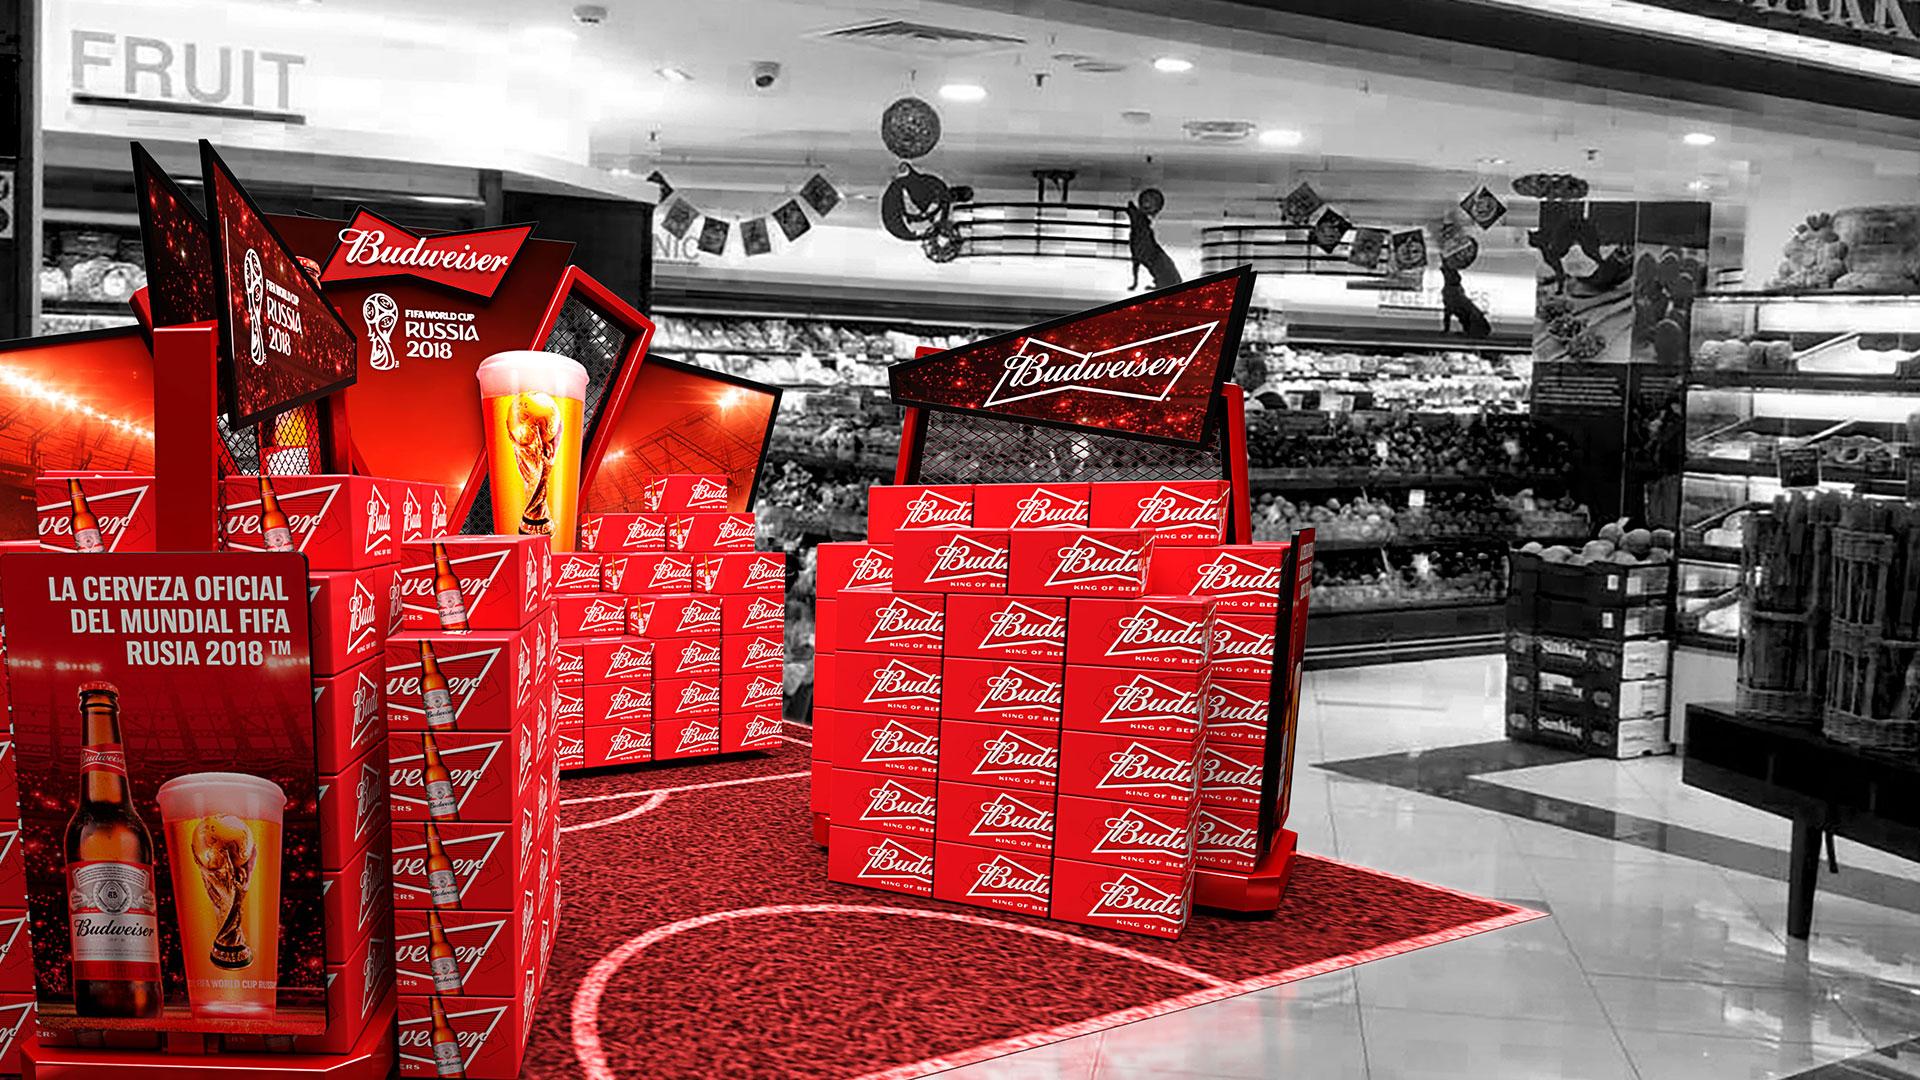 Budweiser 25 - 360 Grados